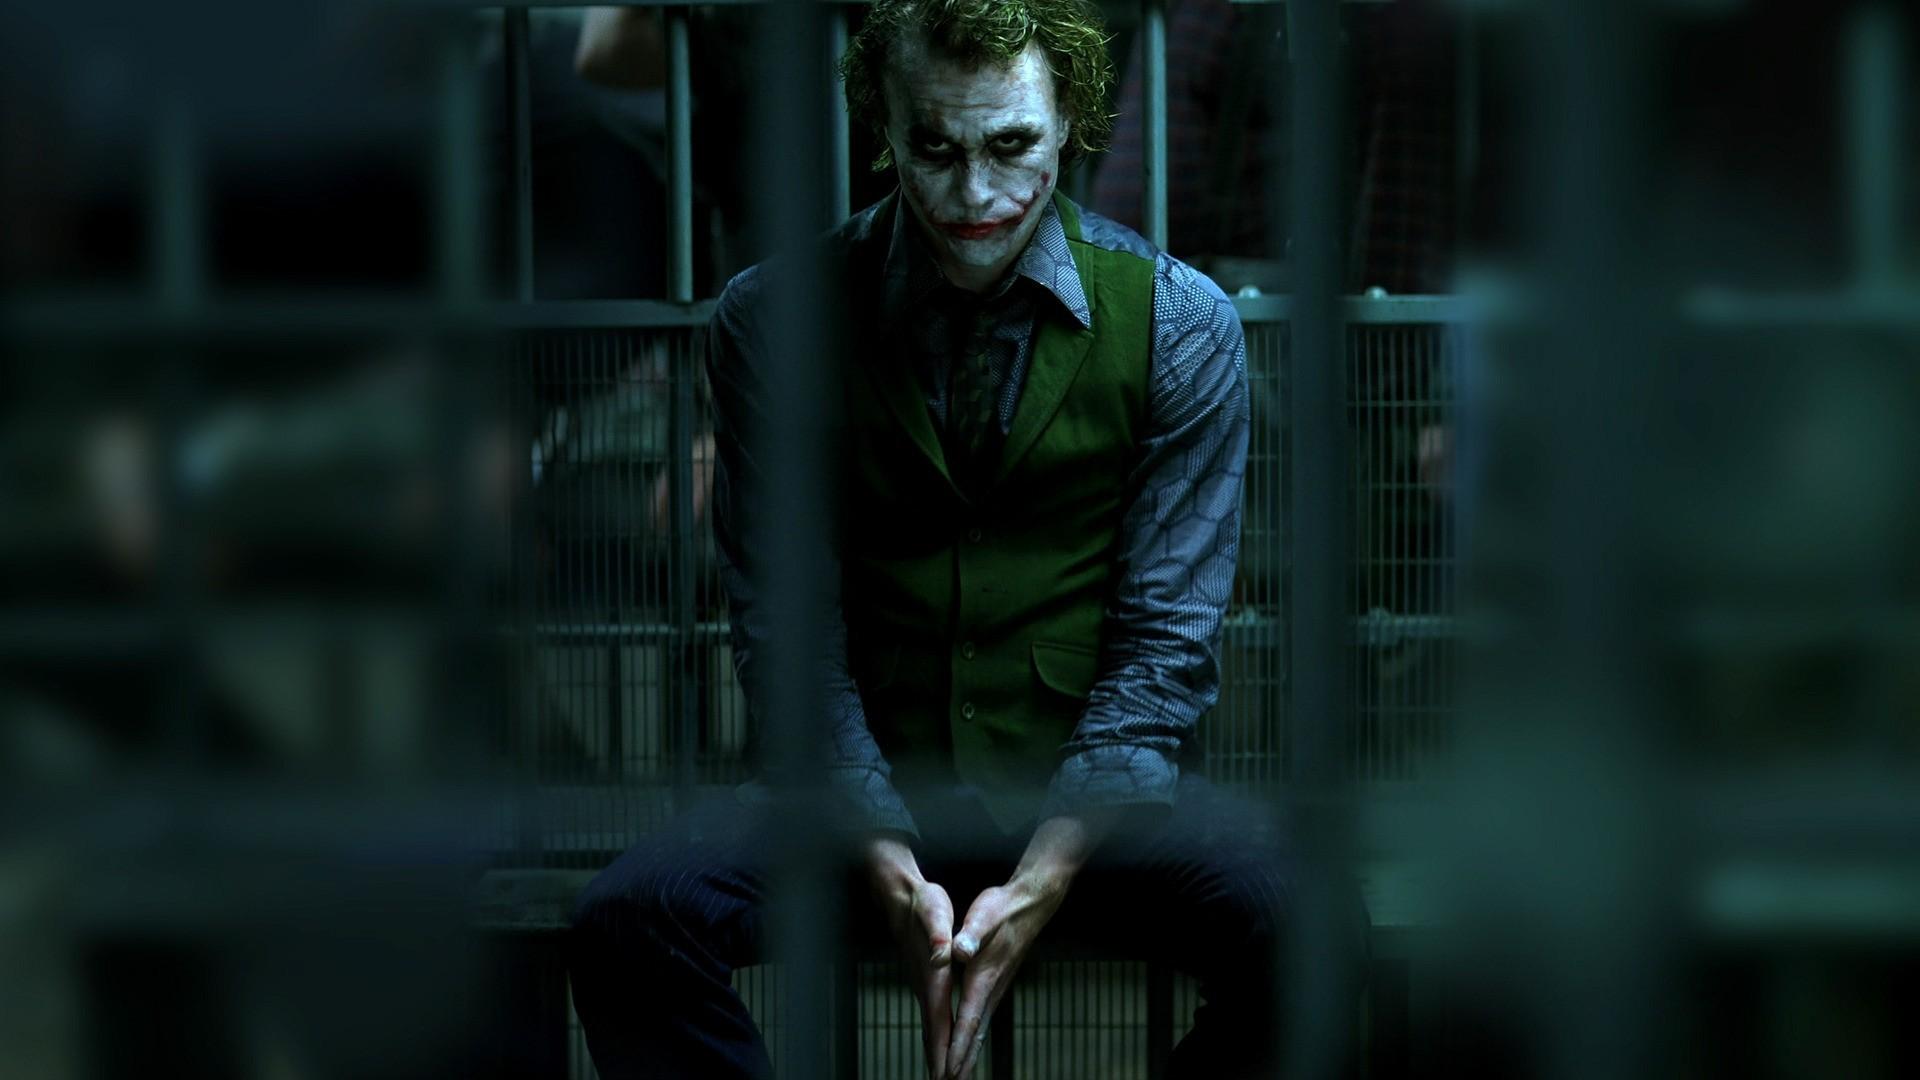 Heath Ledger Joker Wallpaper